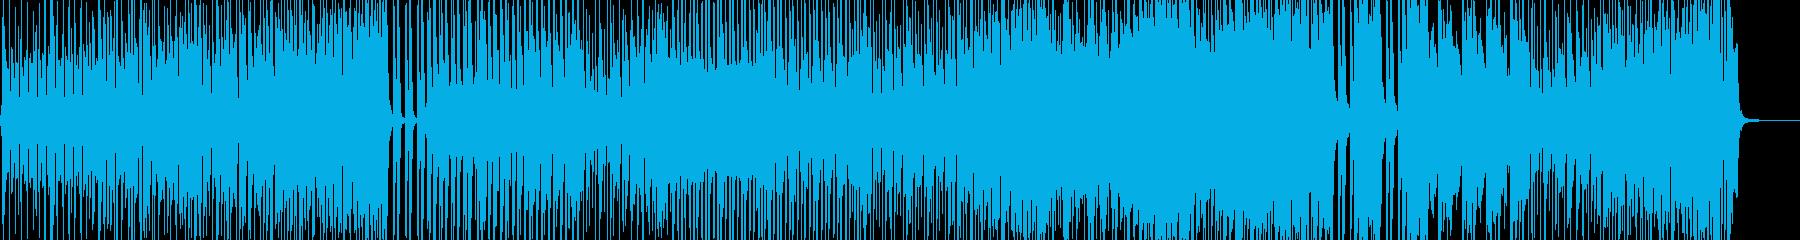 七変化アニメーションダンス調ポップ Bの再生済みの波形